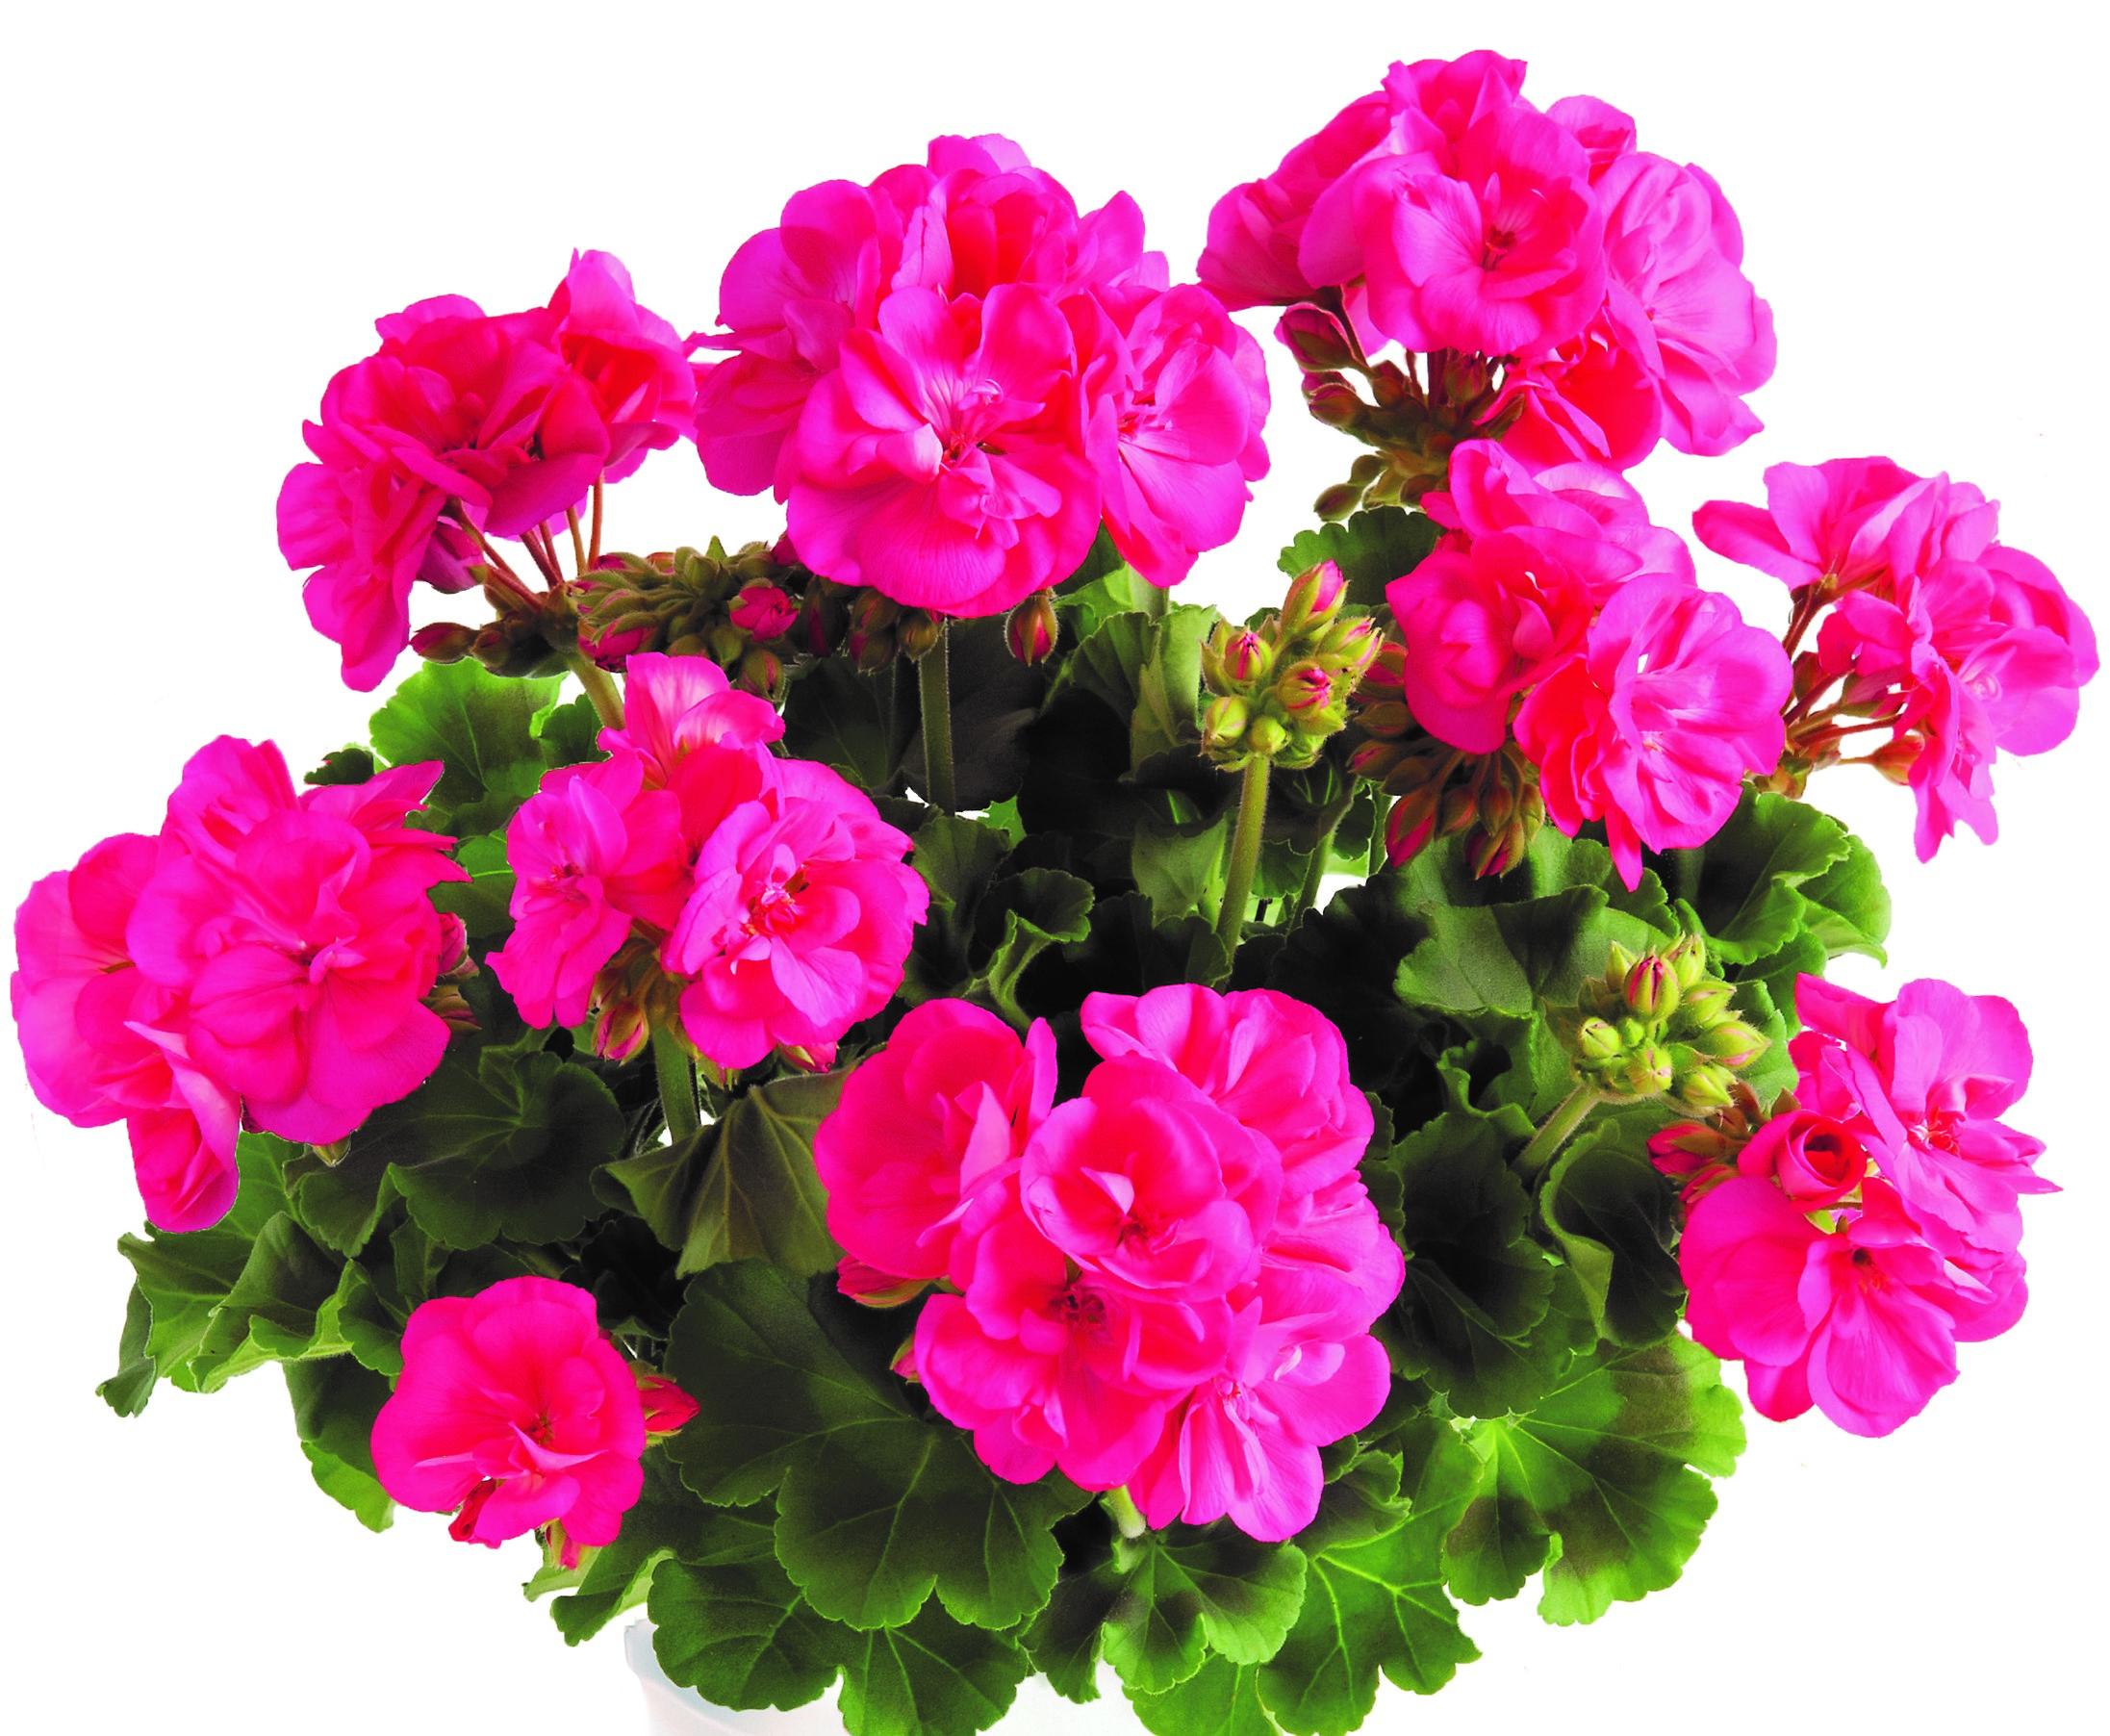 Geranie aufrecht wachsend | pinkrosa halbgefüllt